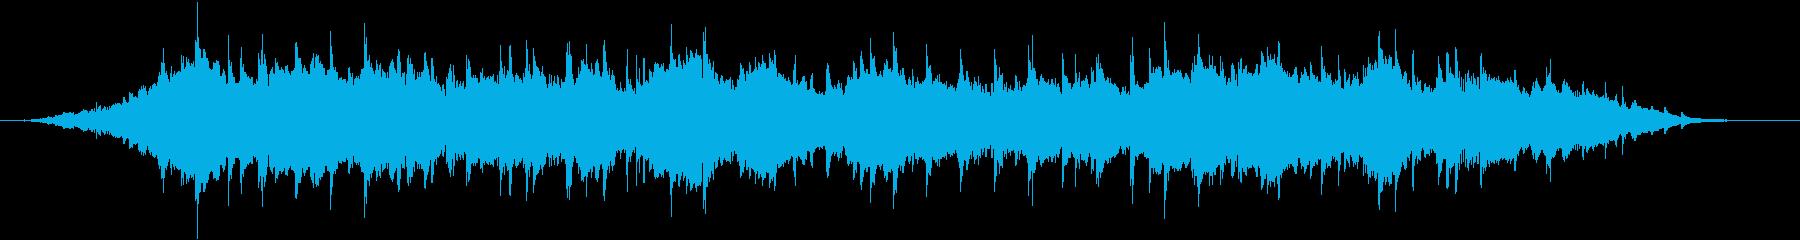 本物 サイレン 生録音 消防 鐘付 2台の再生済みの波形